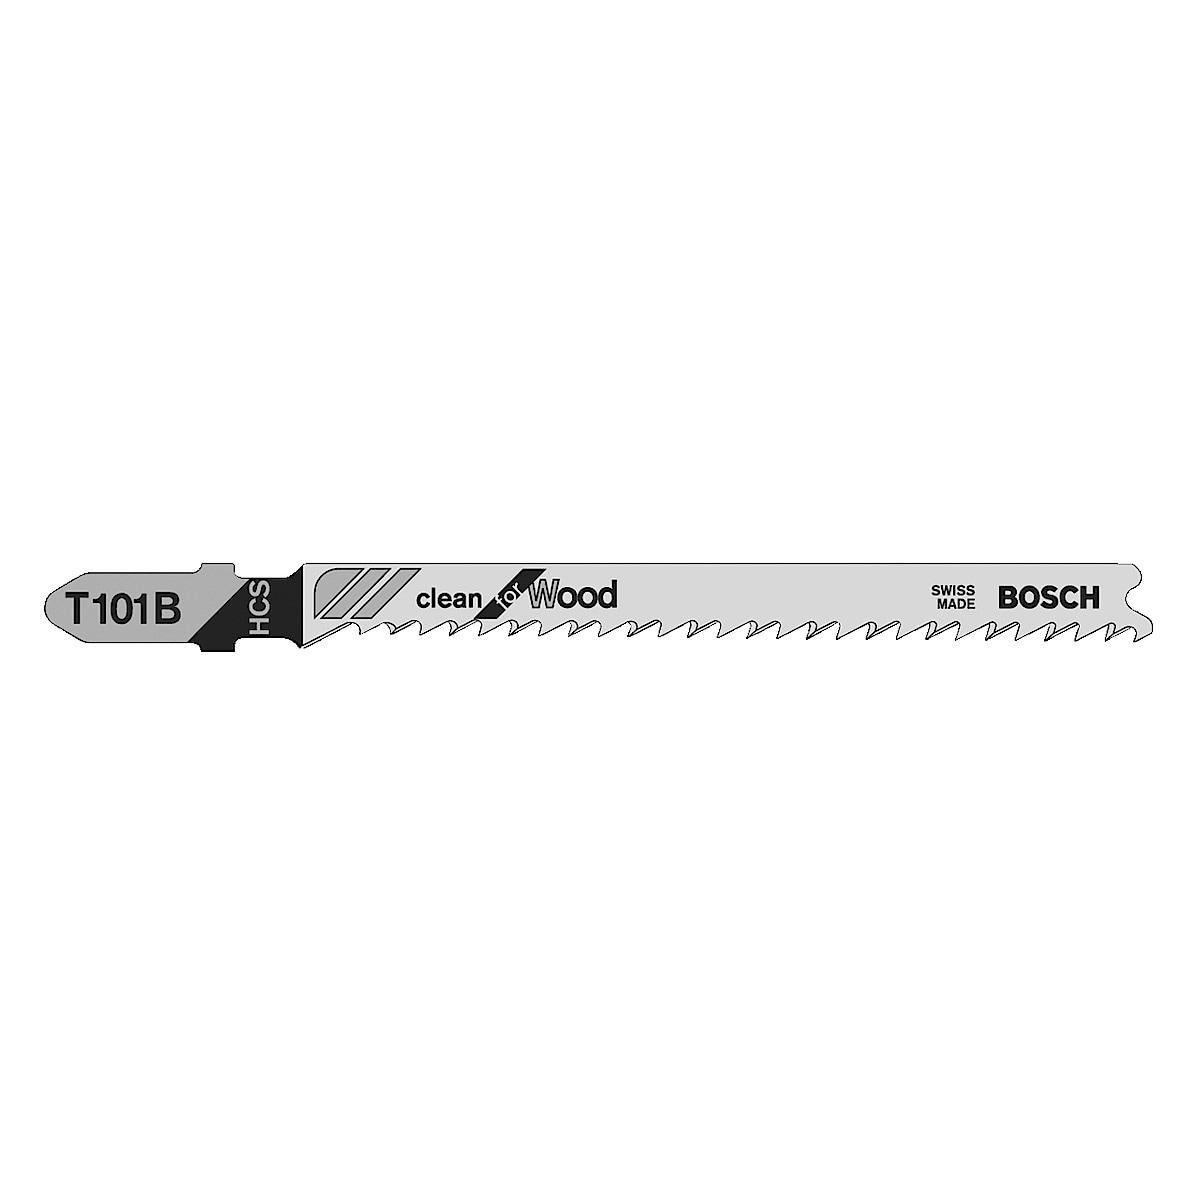 Sticksågsblad HCS T101B Bosch